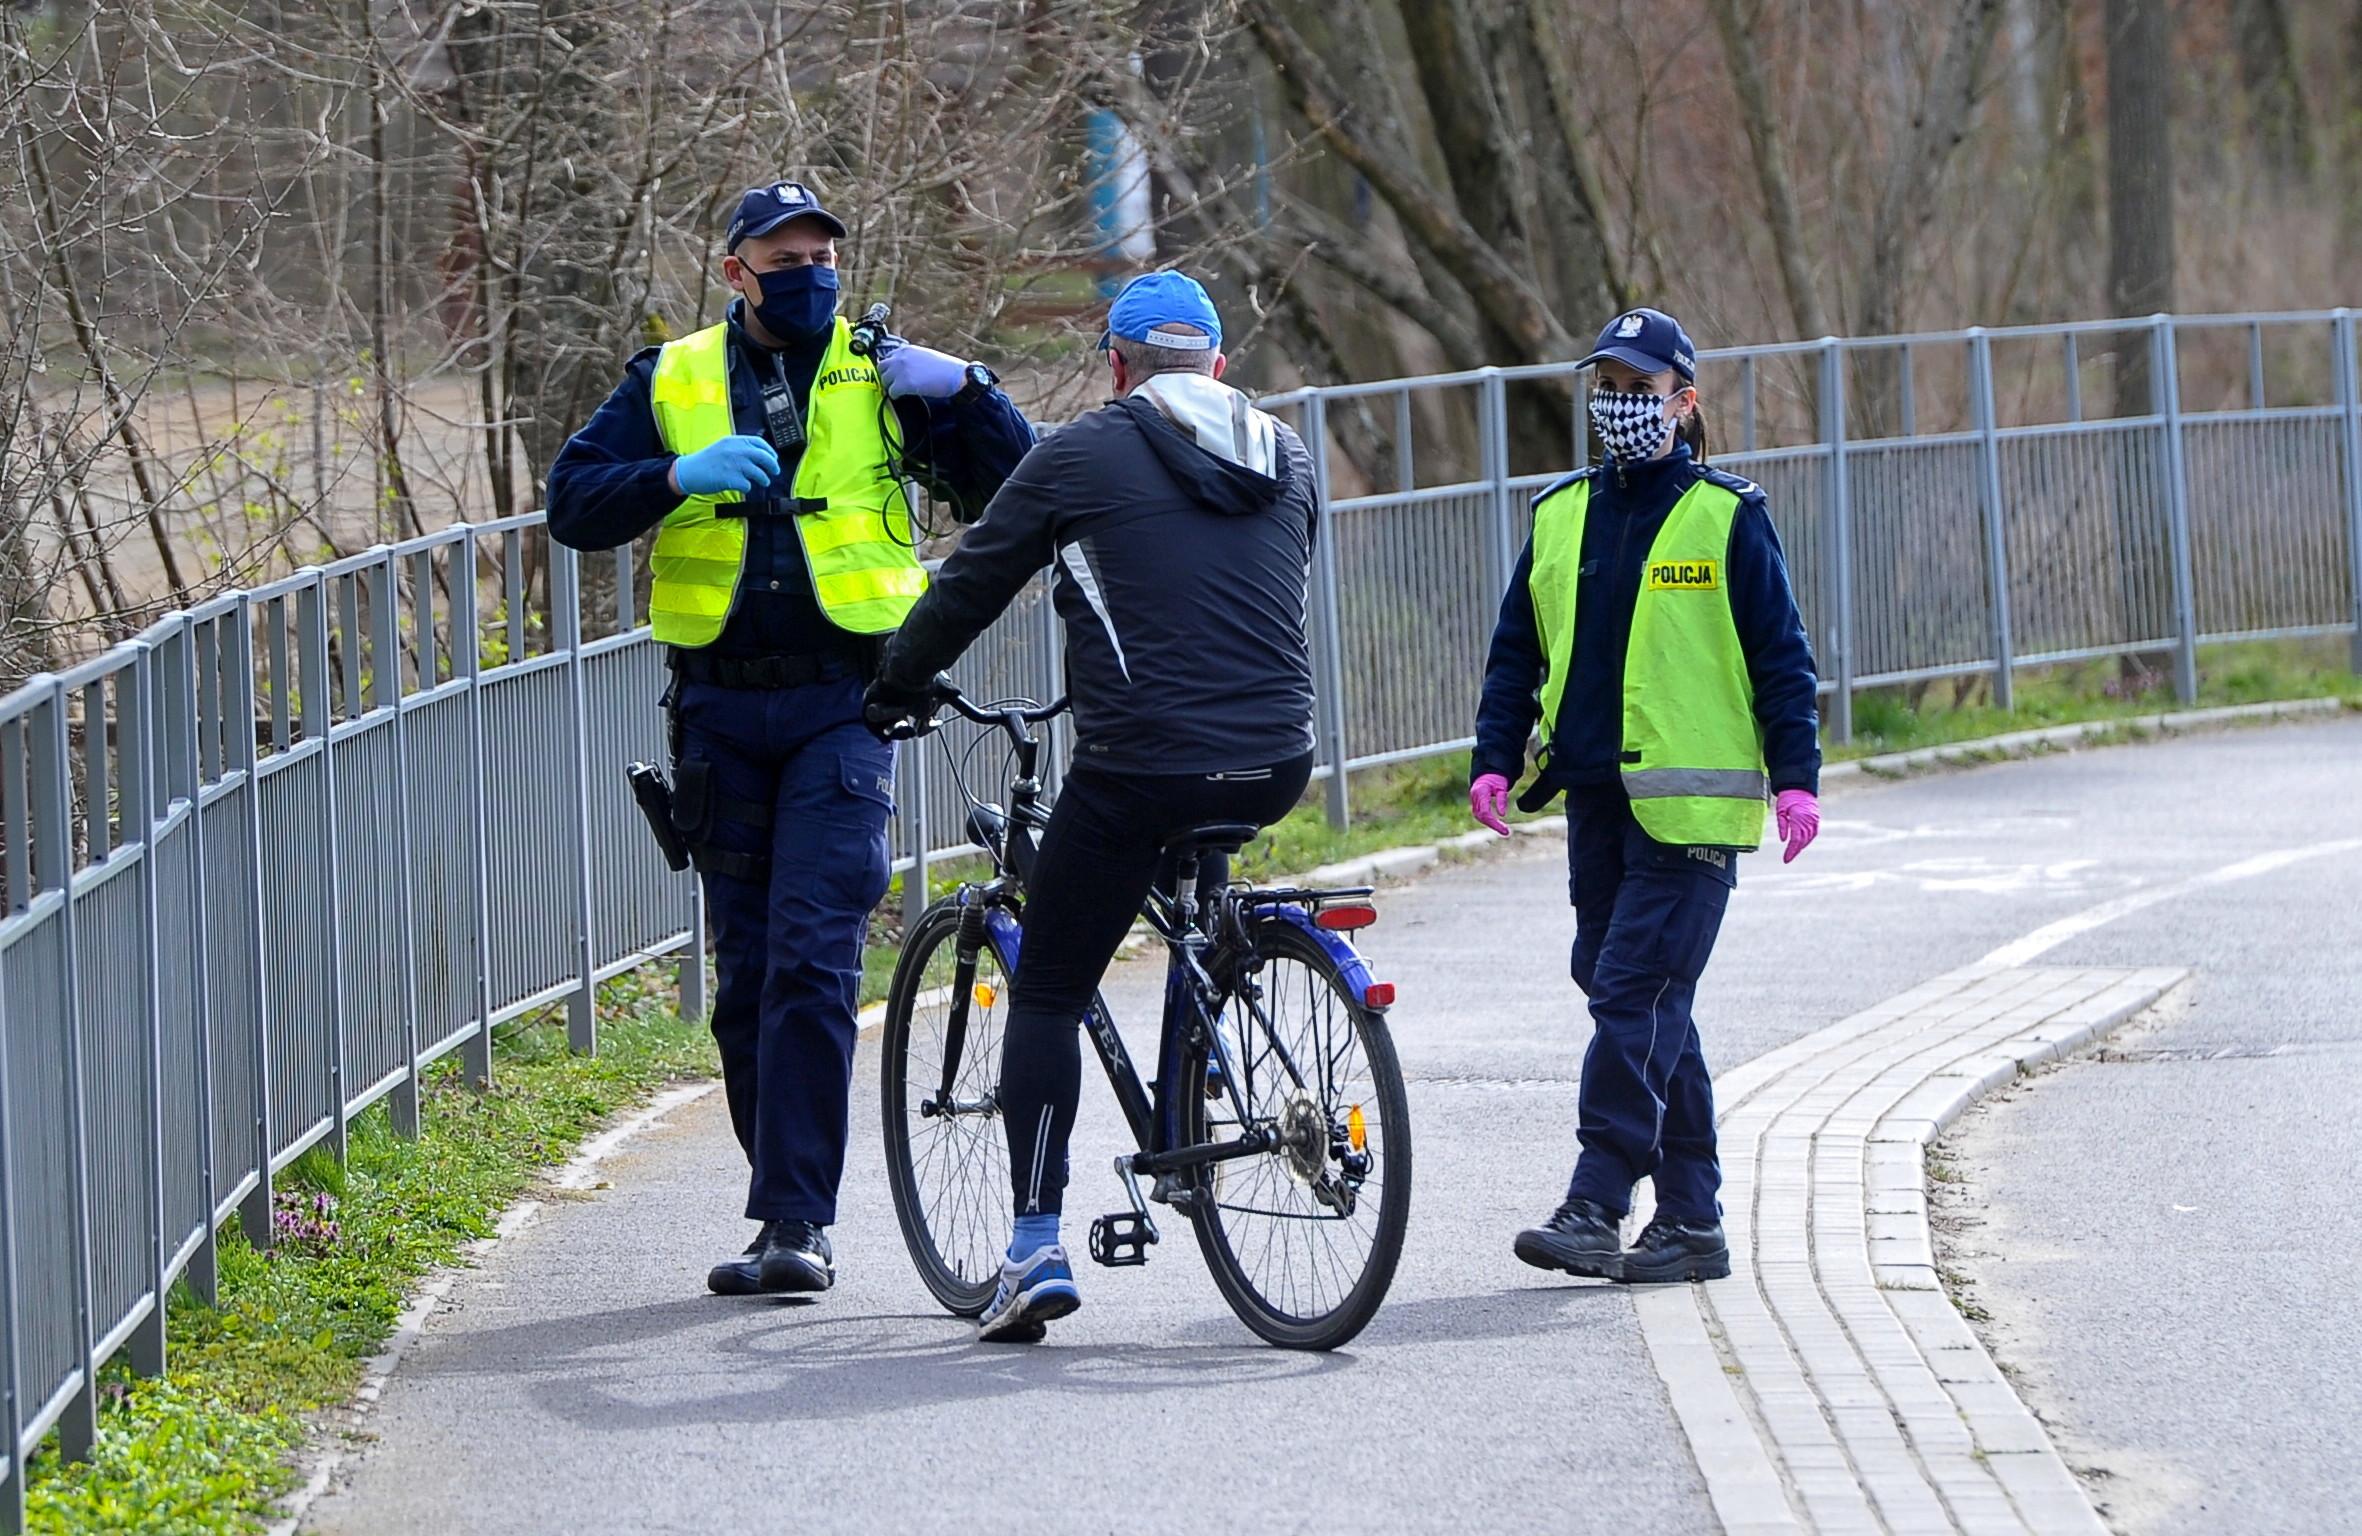 Policjantom zdarza siê szaleæ z korona-mandatami. Rowerzysta dosta³ 12 tysiêcy za przejazd przez zamkniêty bulwar